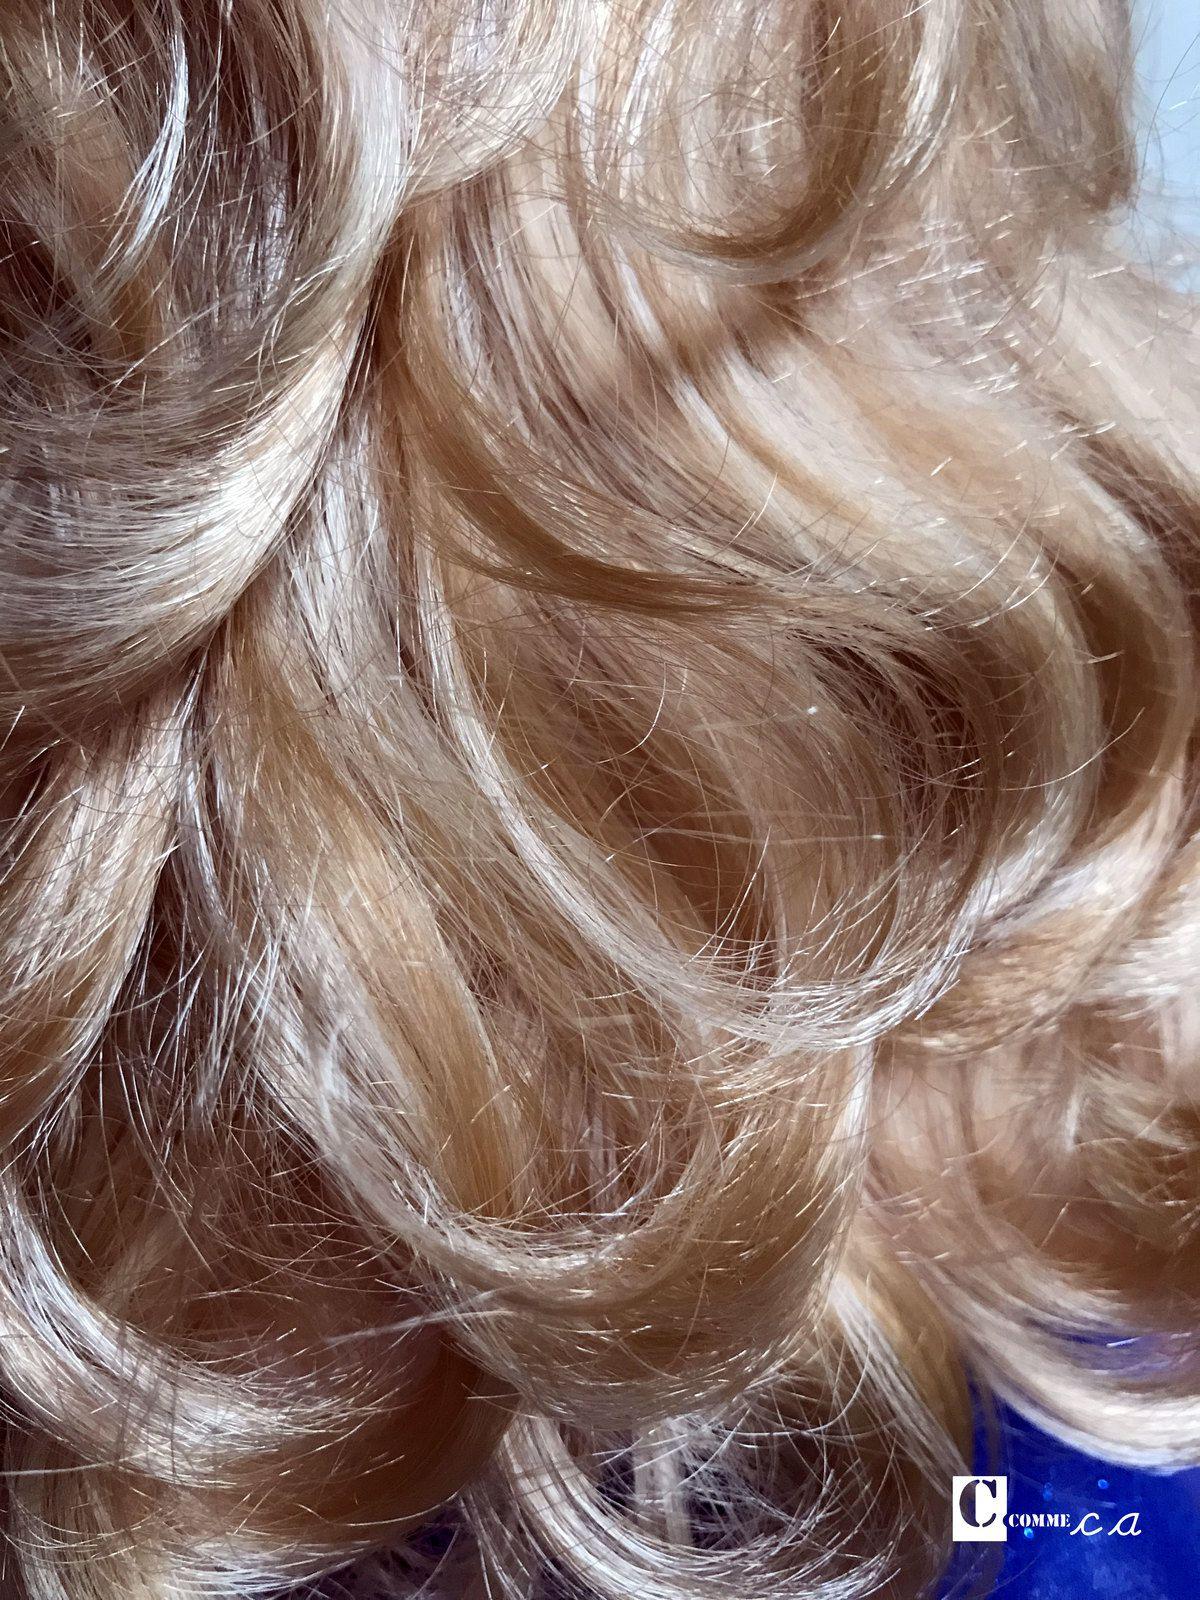 Marie-Françoise Célébration a la particularité d'avoir des cheveux méchés. Ils mêlent différentes teintes de blond...